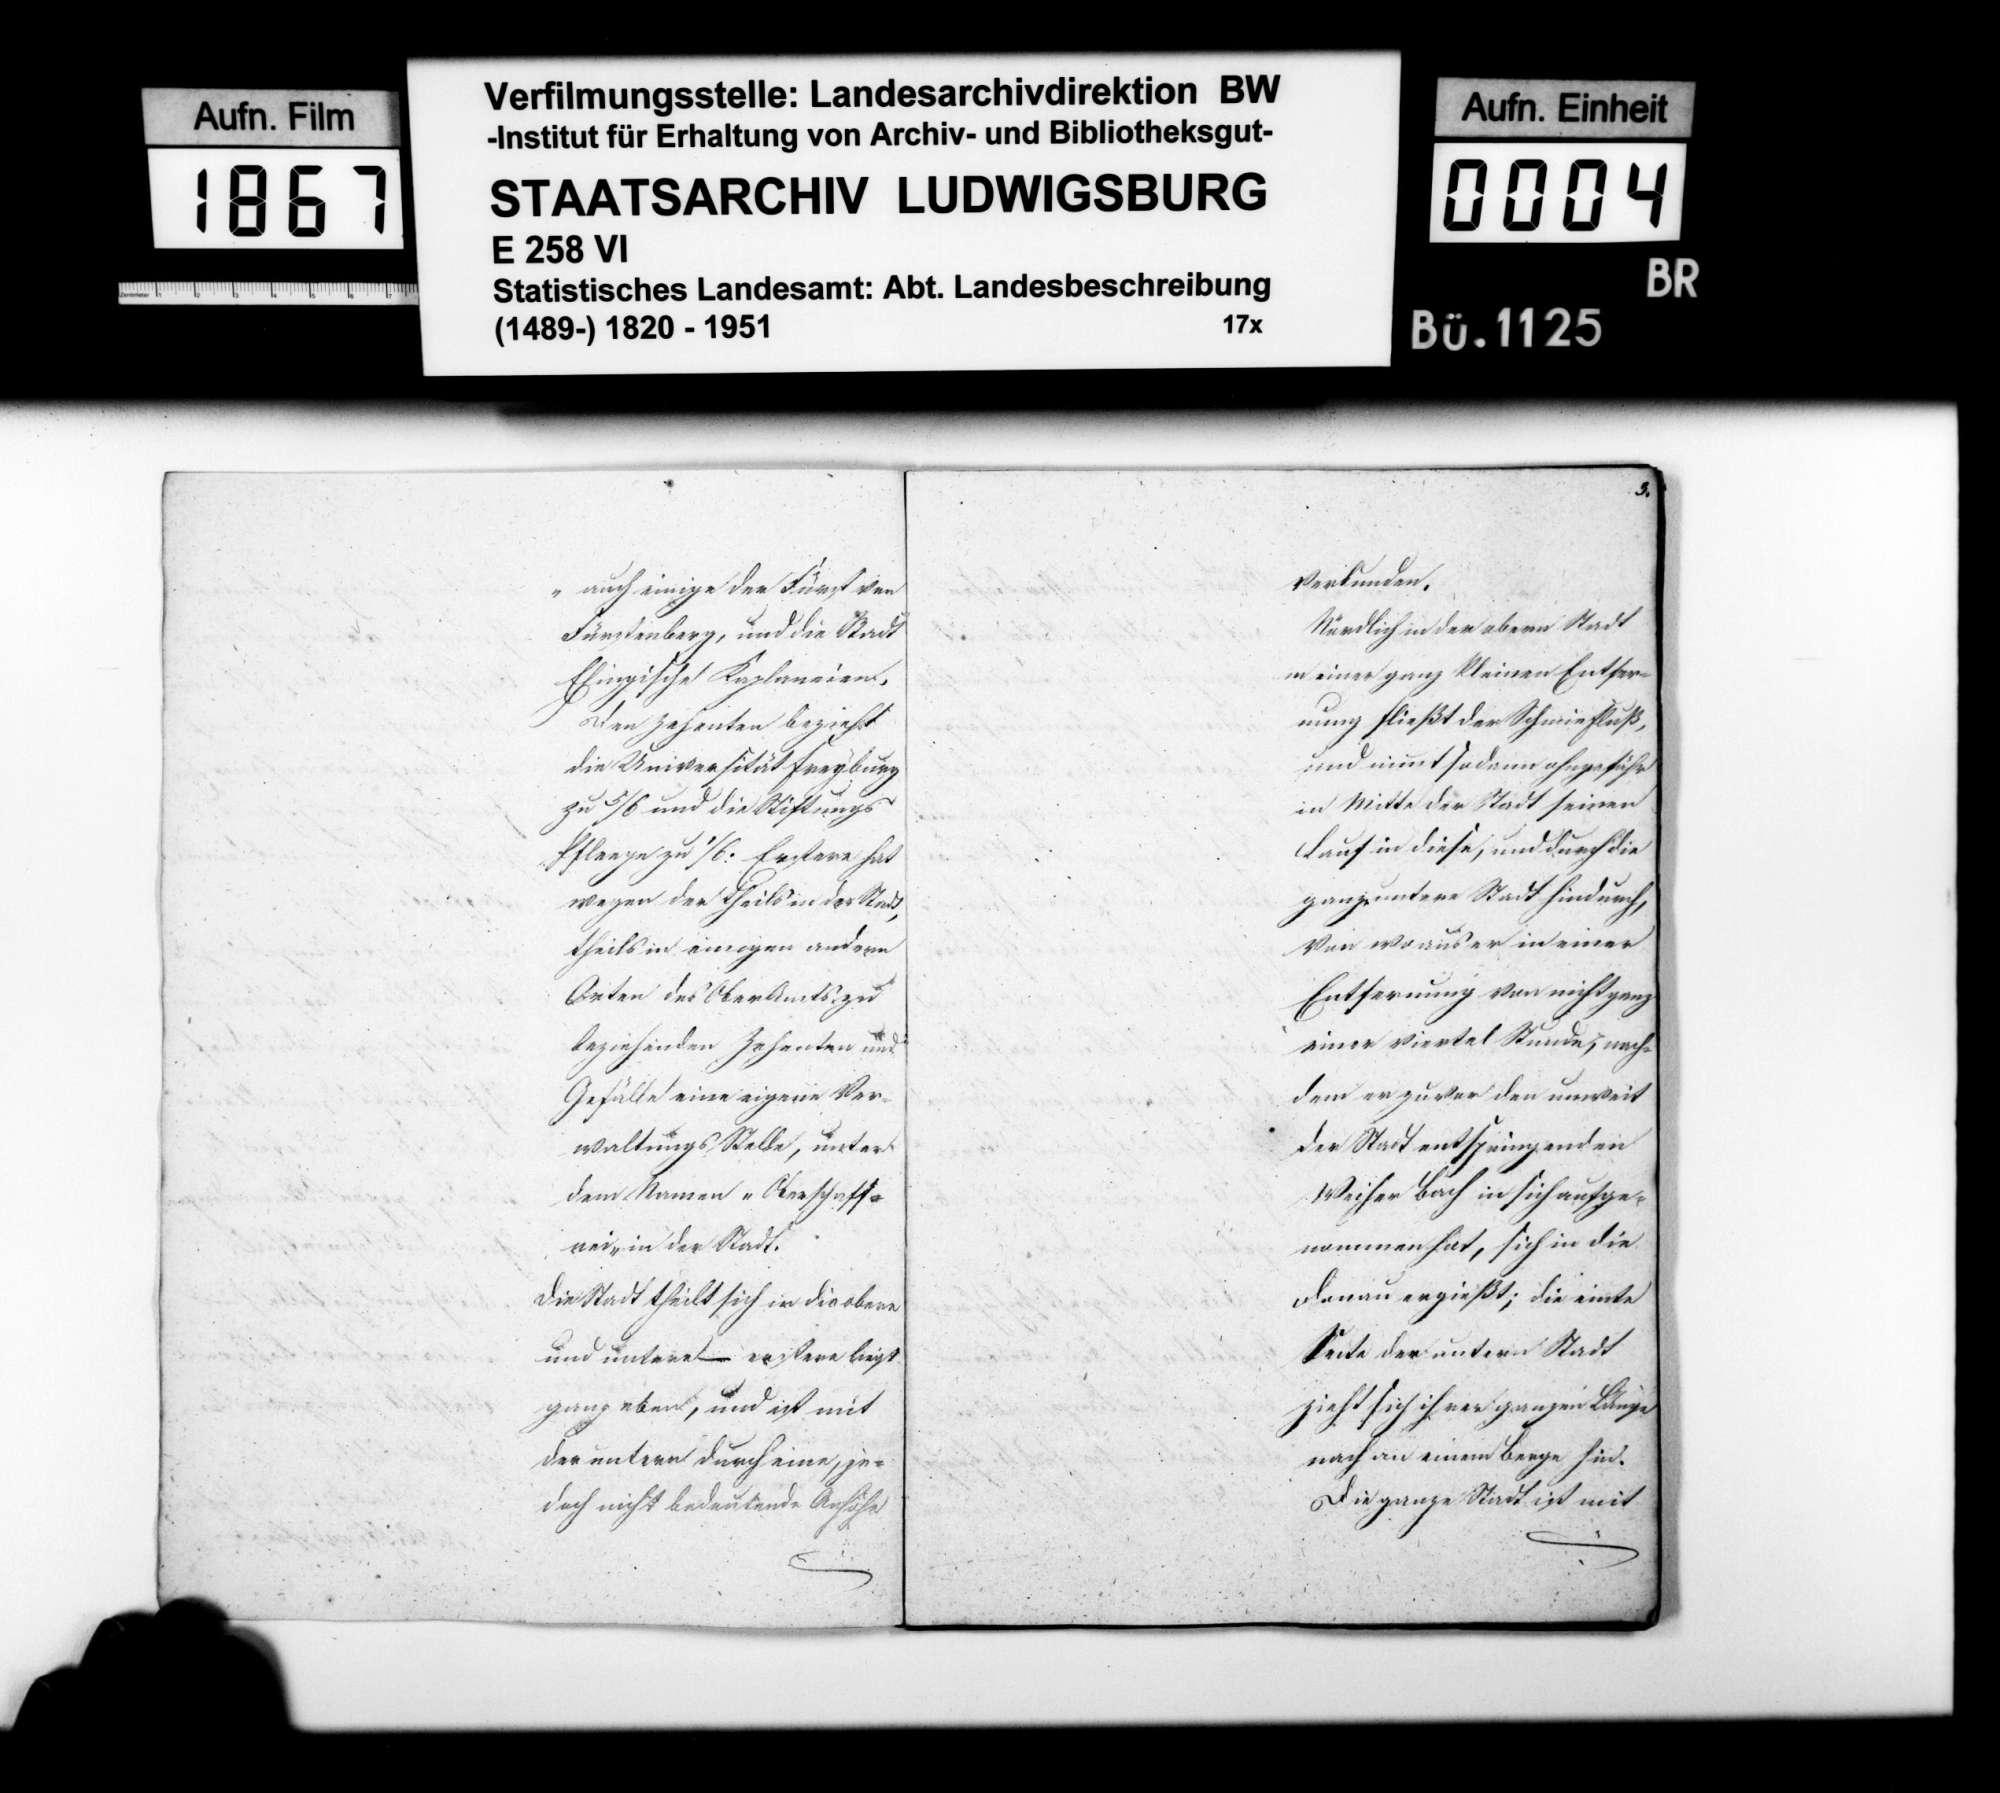 Abhandlung des Schultheißen Vogt zur Oberamtsstadt Ehingen, Bild 3